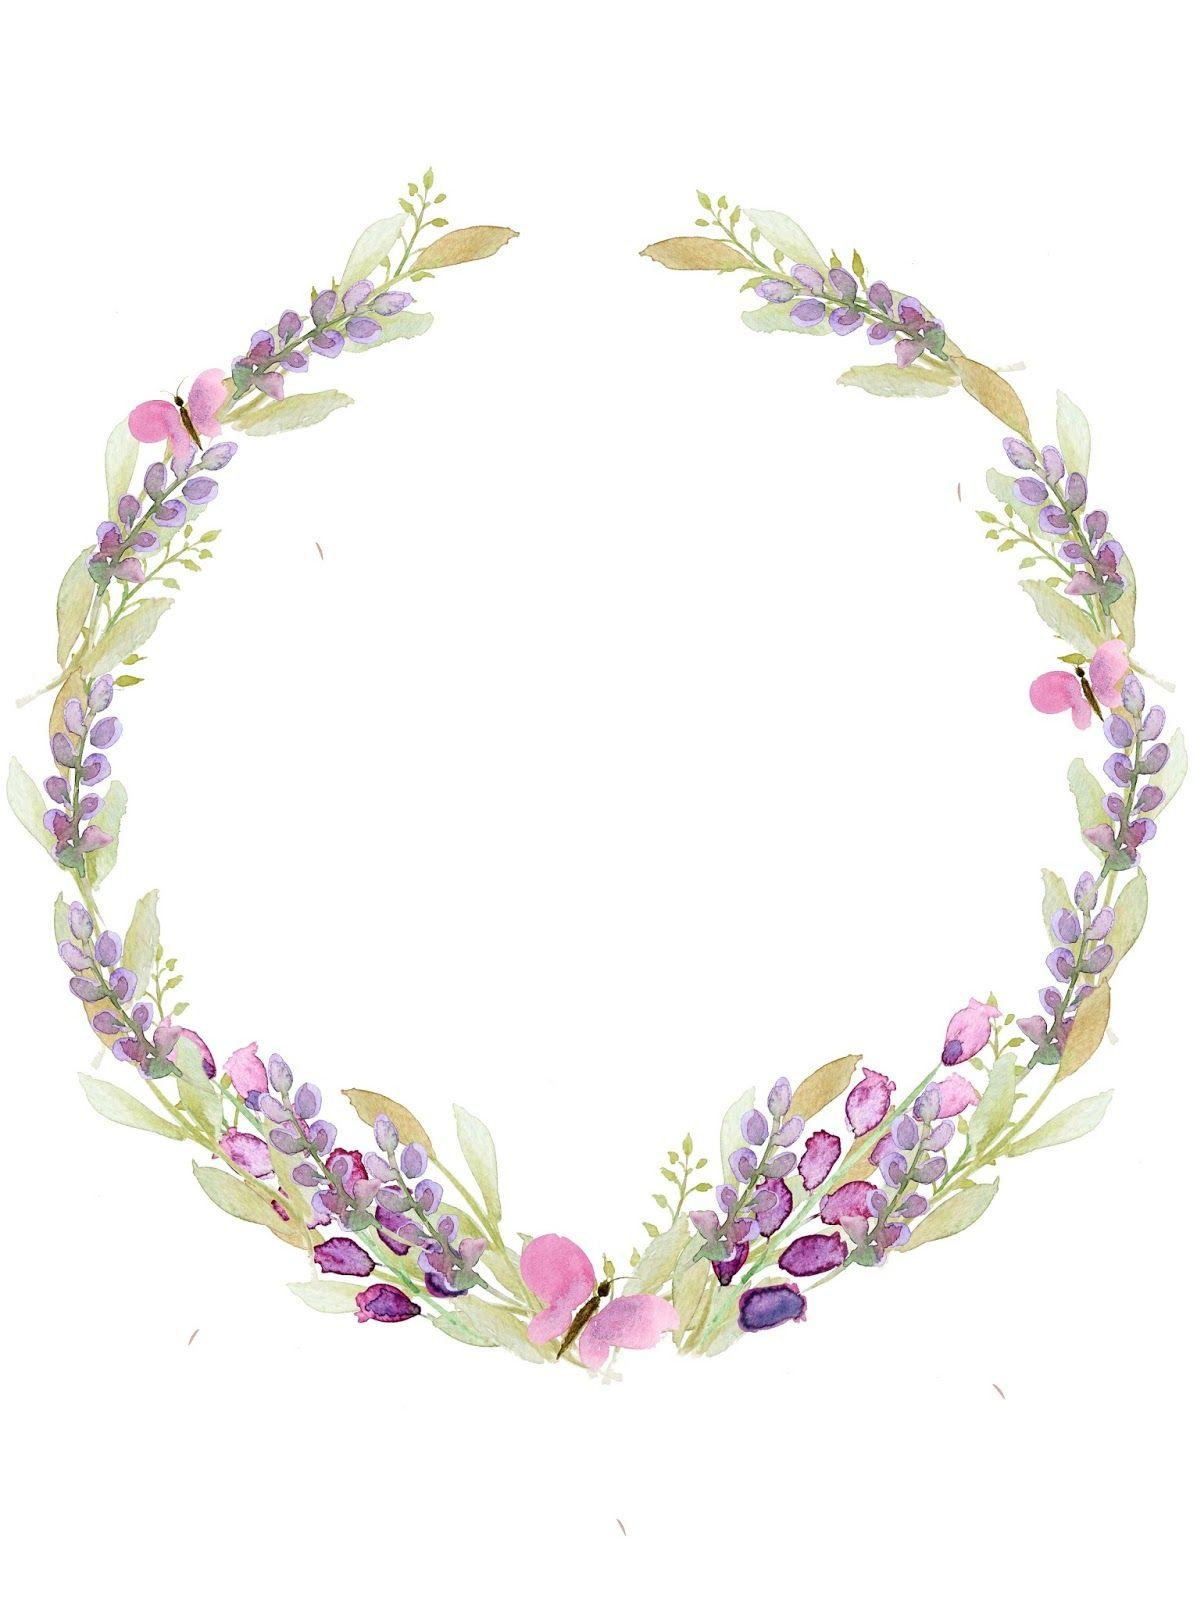 Bonitos marcos vintage florales para enmarcar frases o hacer ...